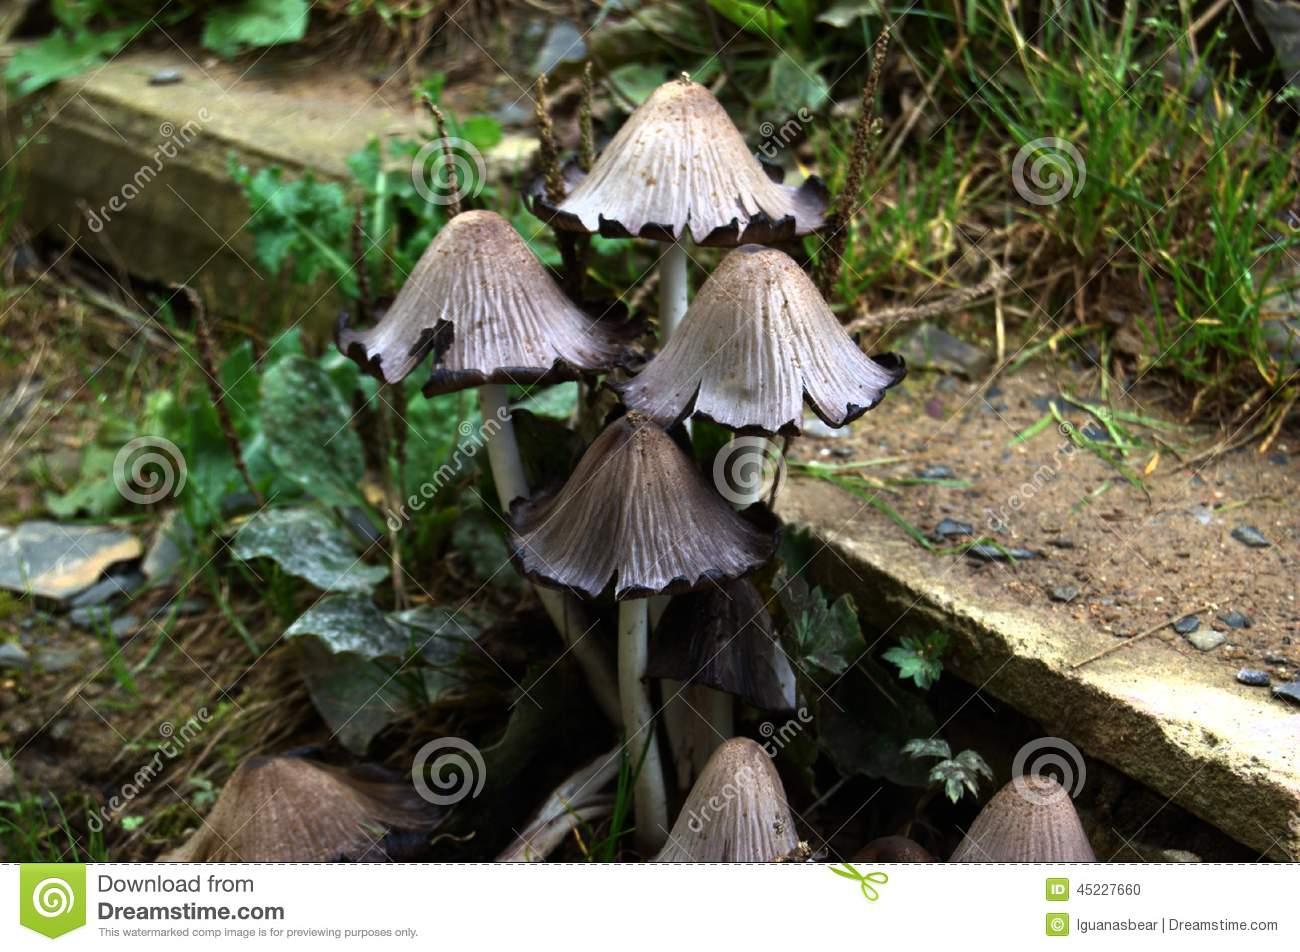 Какие бывают серые грибы: разновидности, описание и фото